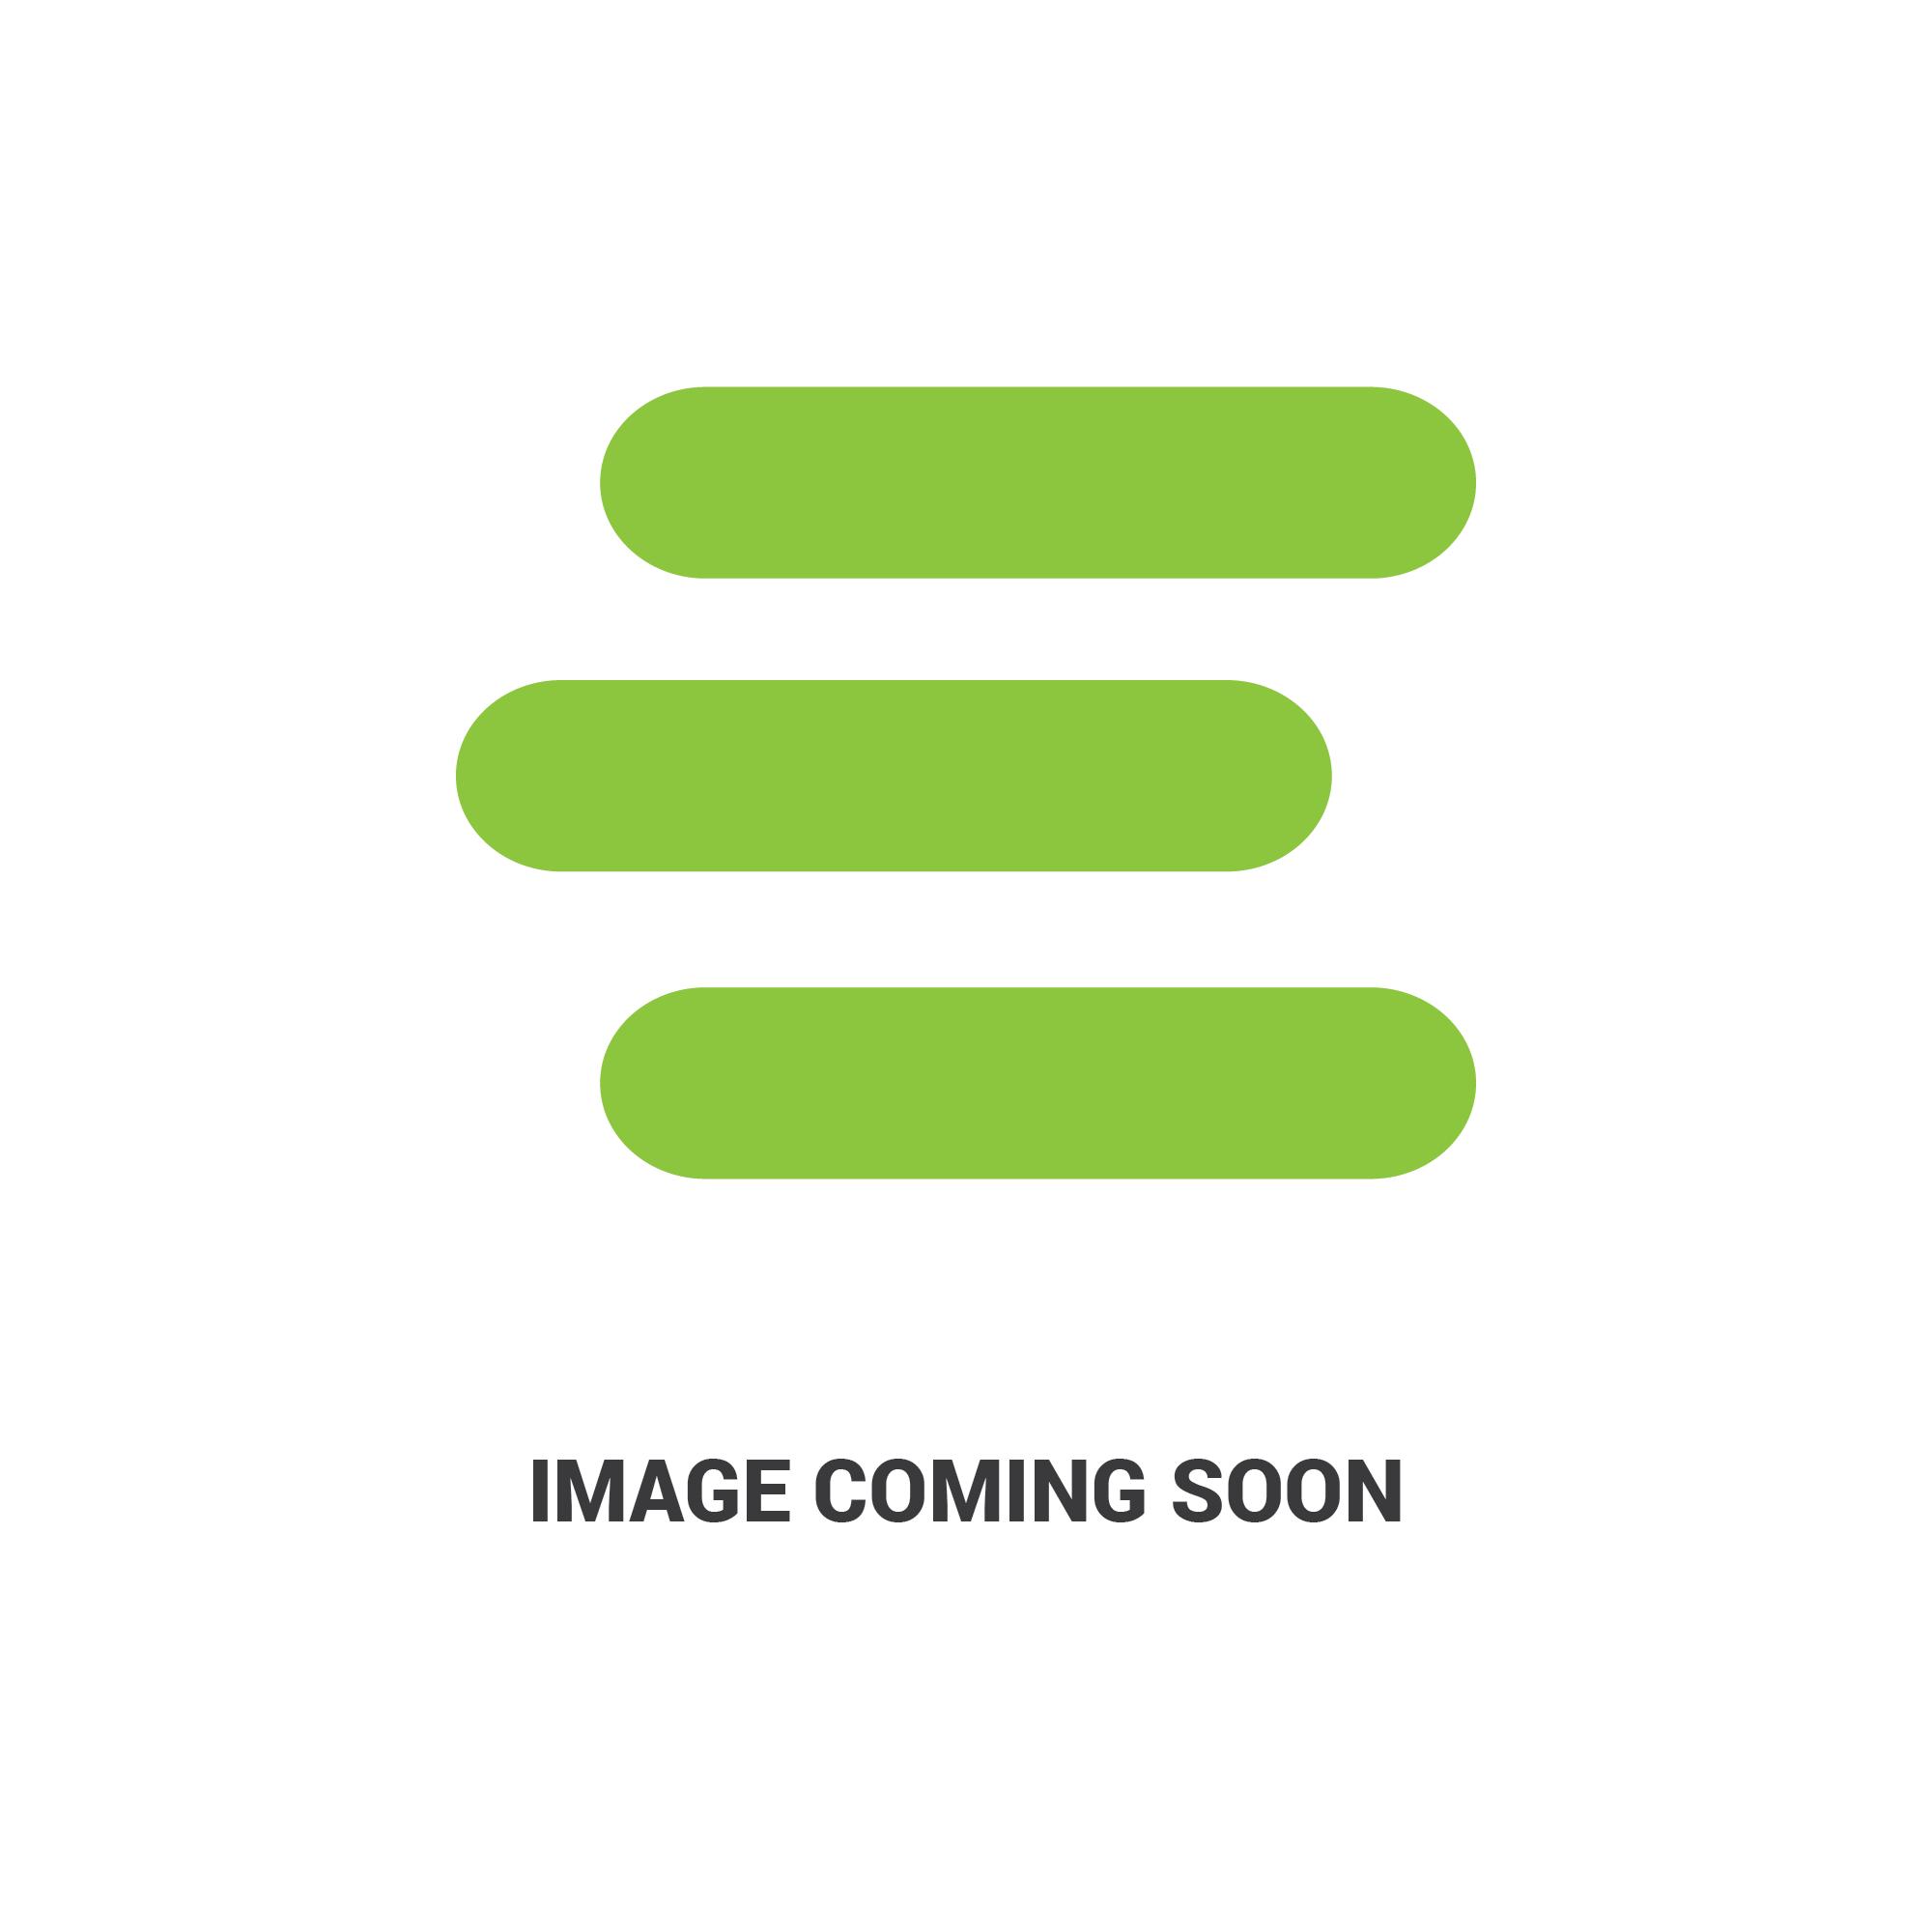 E-49B73R550_1.jpg